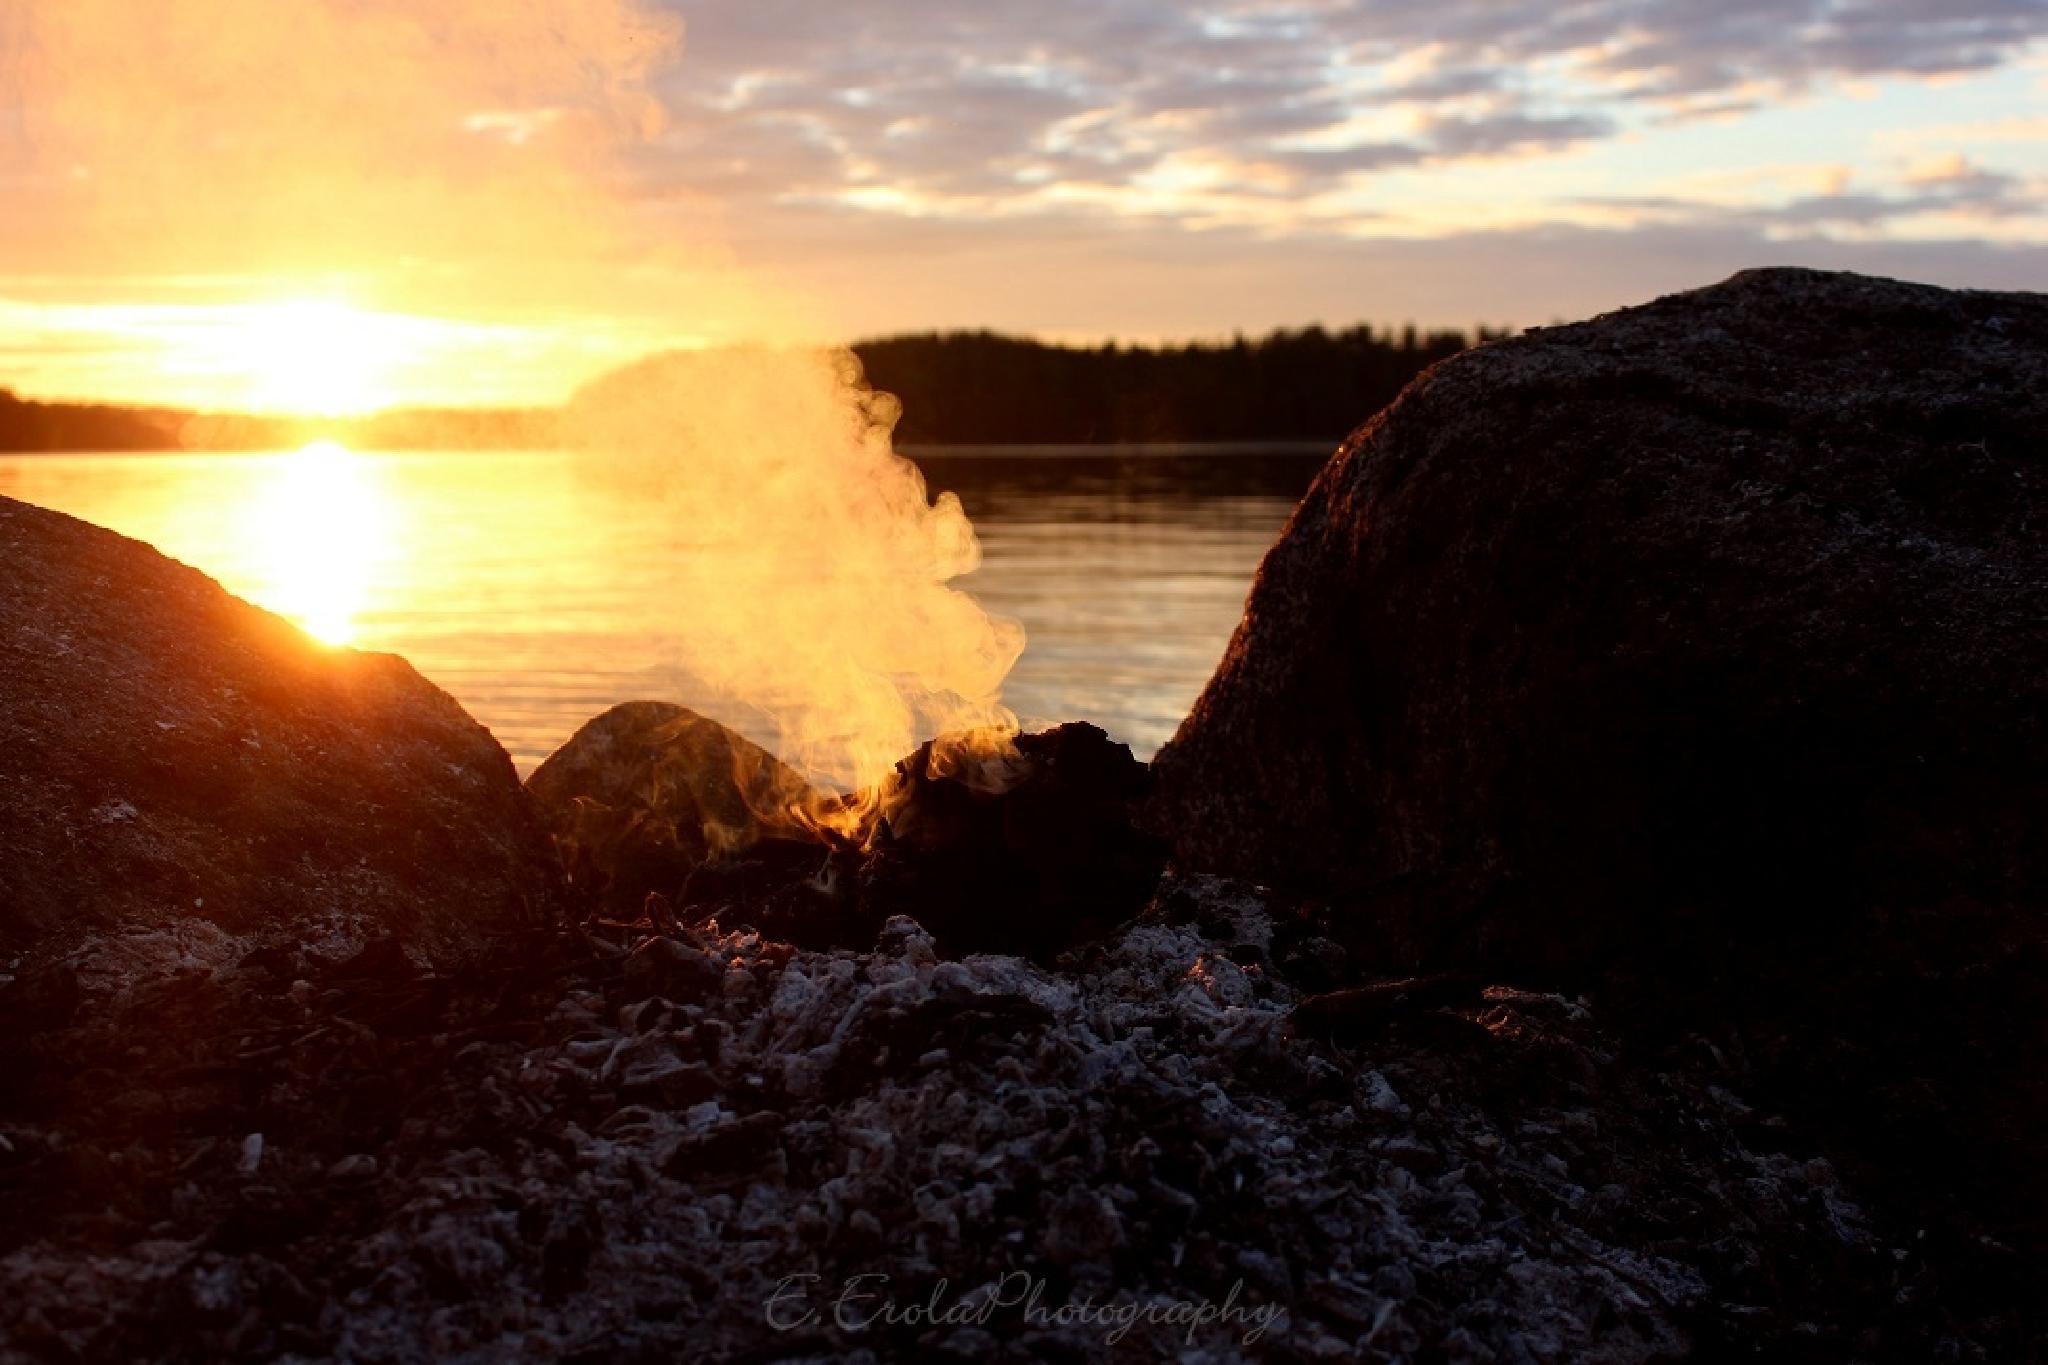 Burning by E.ErolaPhotography